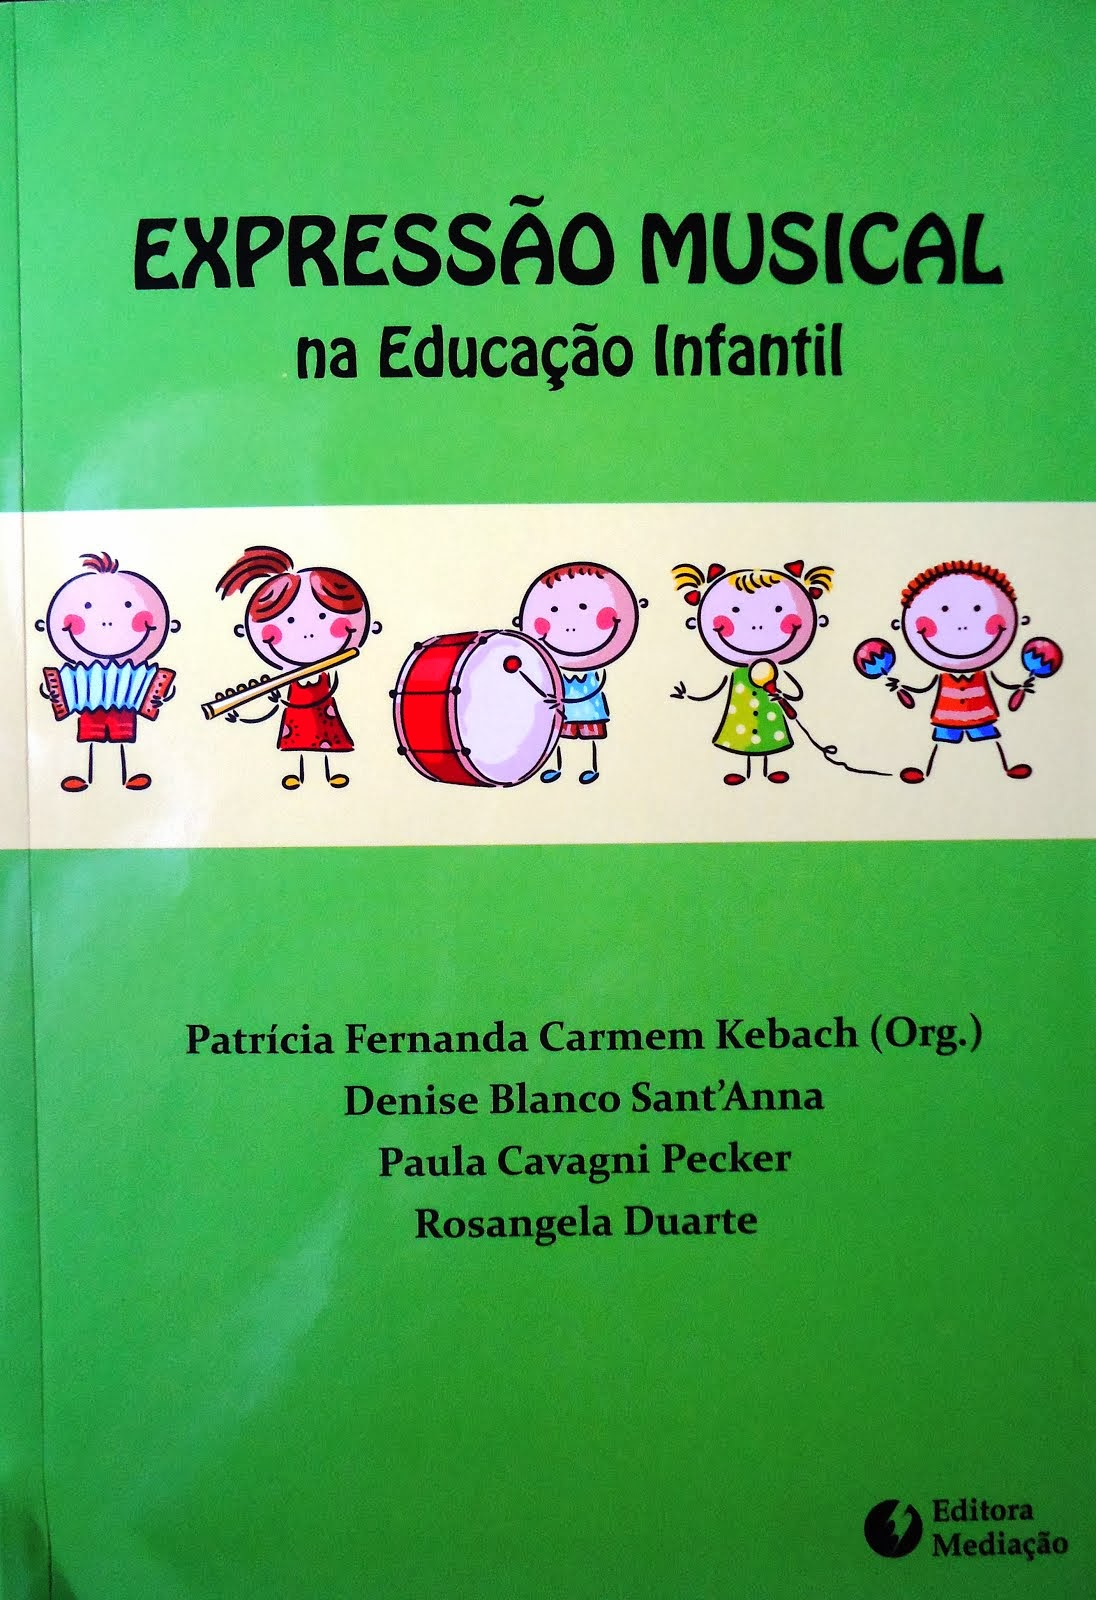 EXPRESSÃO MUSICAL NA EDUCAÇÃO INFANTIL